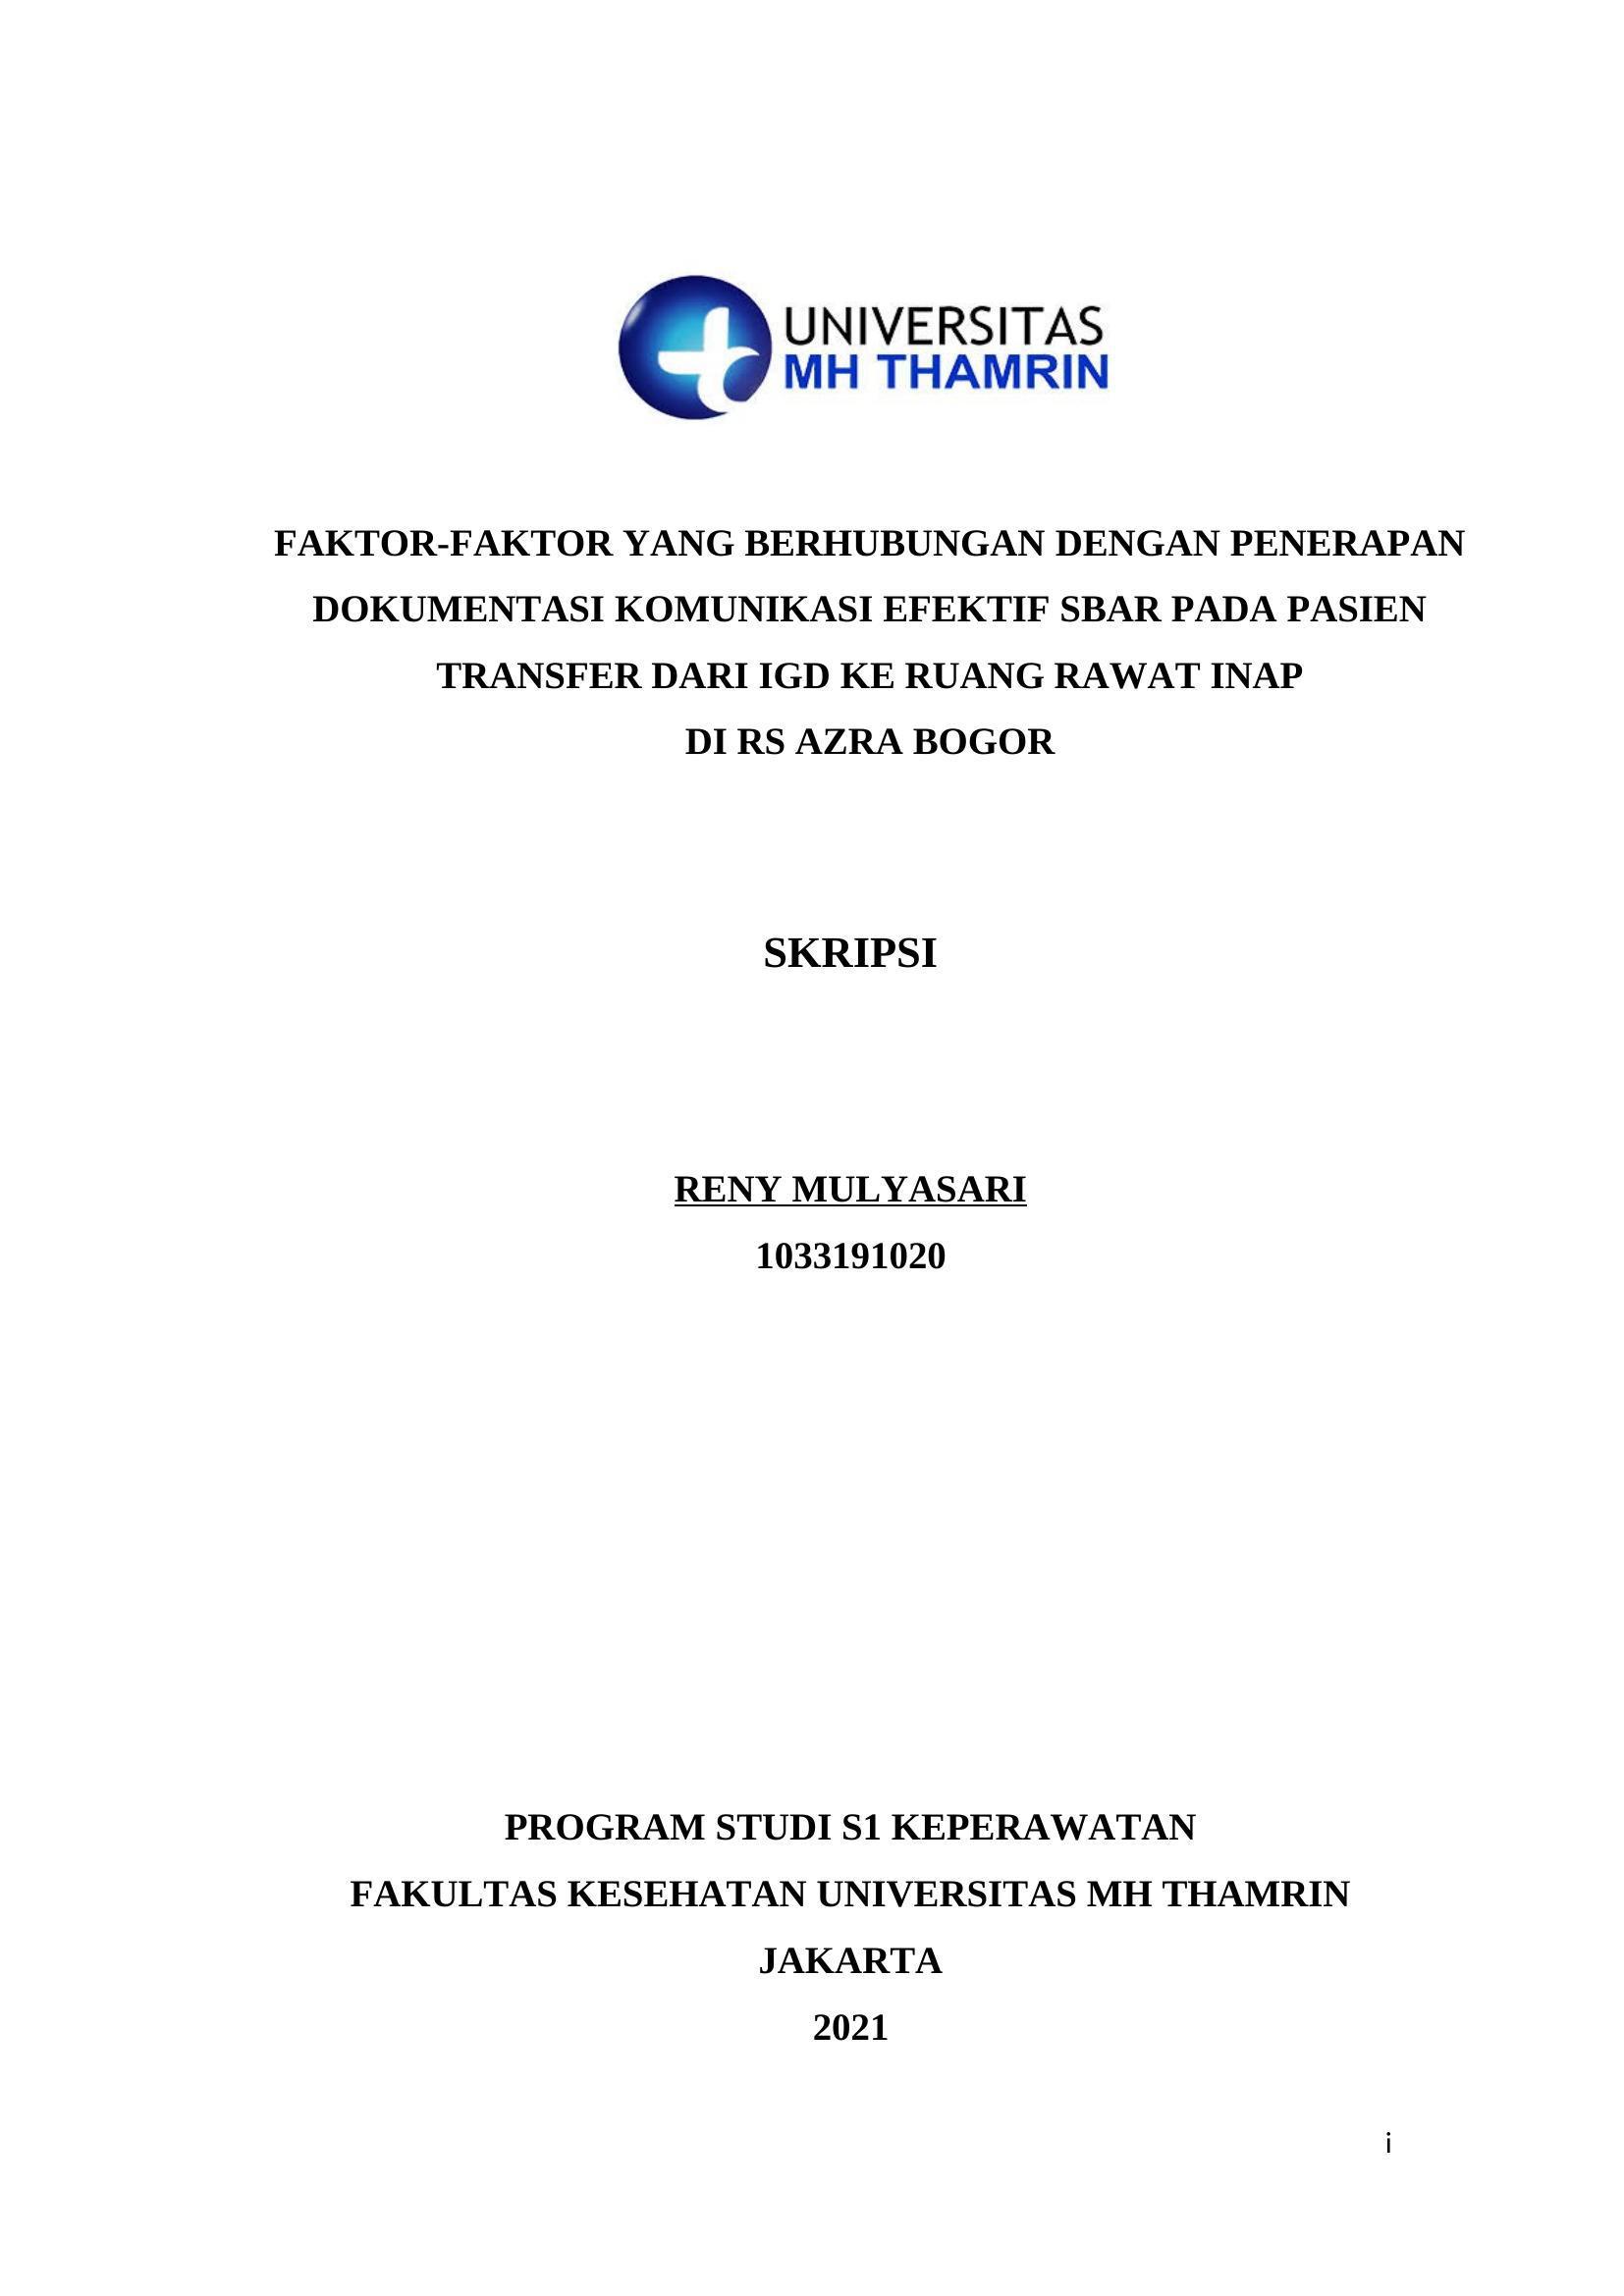 Faktor-faktor Yang Berhubungan Dengan Penerapan  Dokumentasi Komunikasi Efektif SBAR Pada Pasien  Transfer Dari IGD Ke Ruang Rawat Inap  Di RS AZRA Bogor